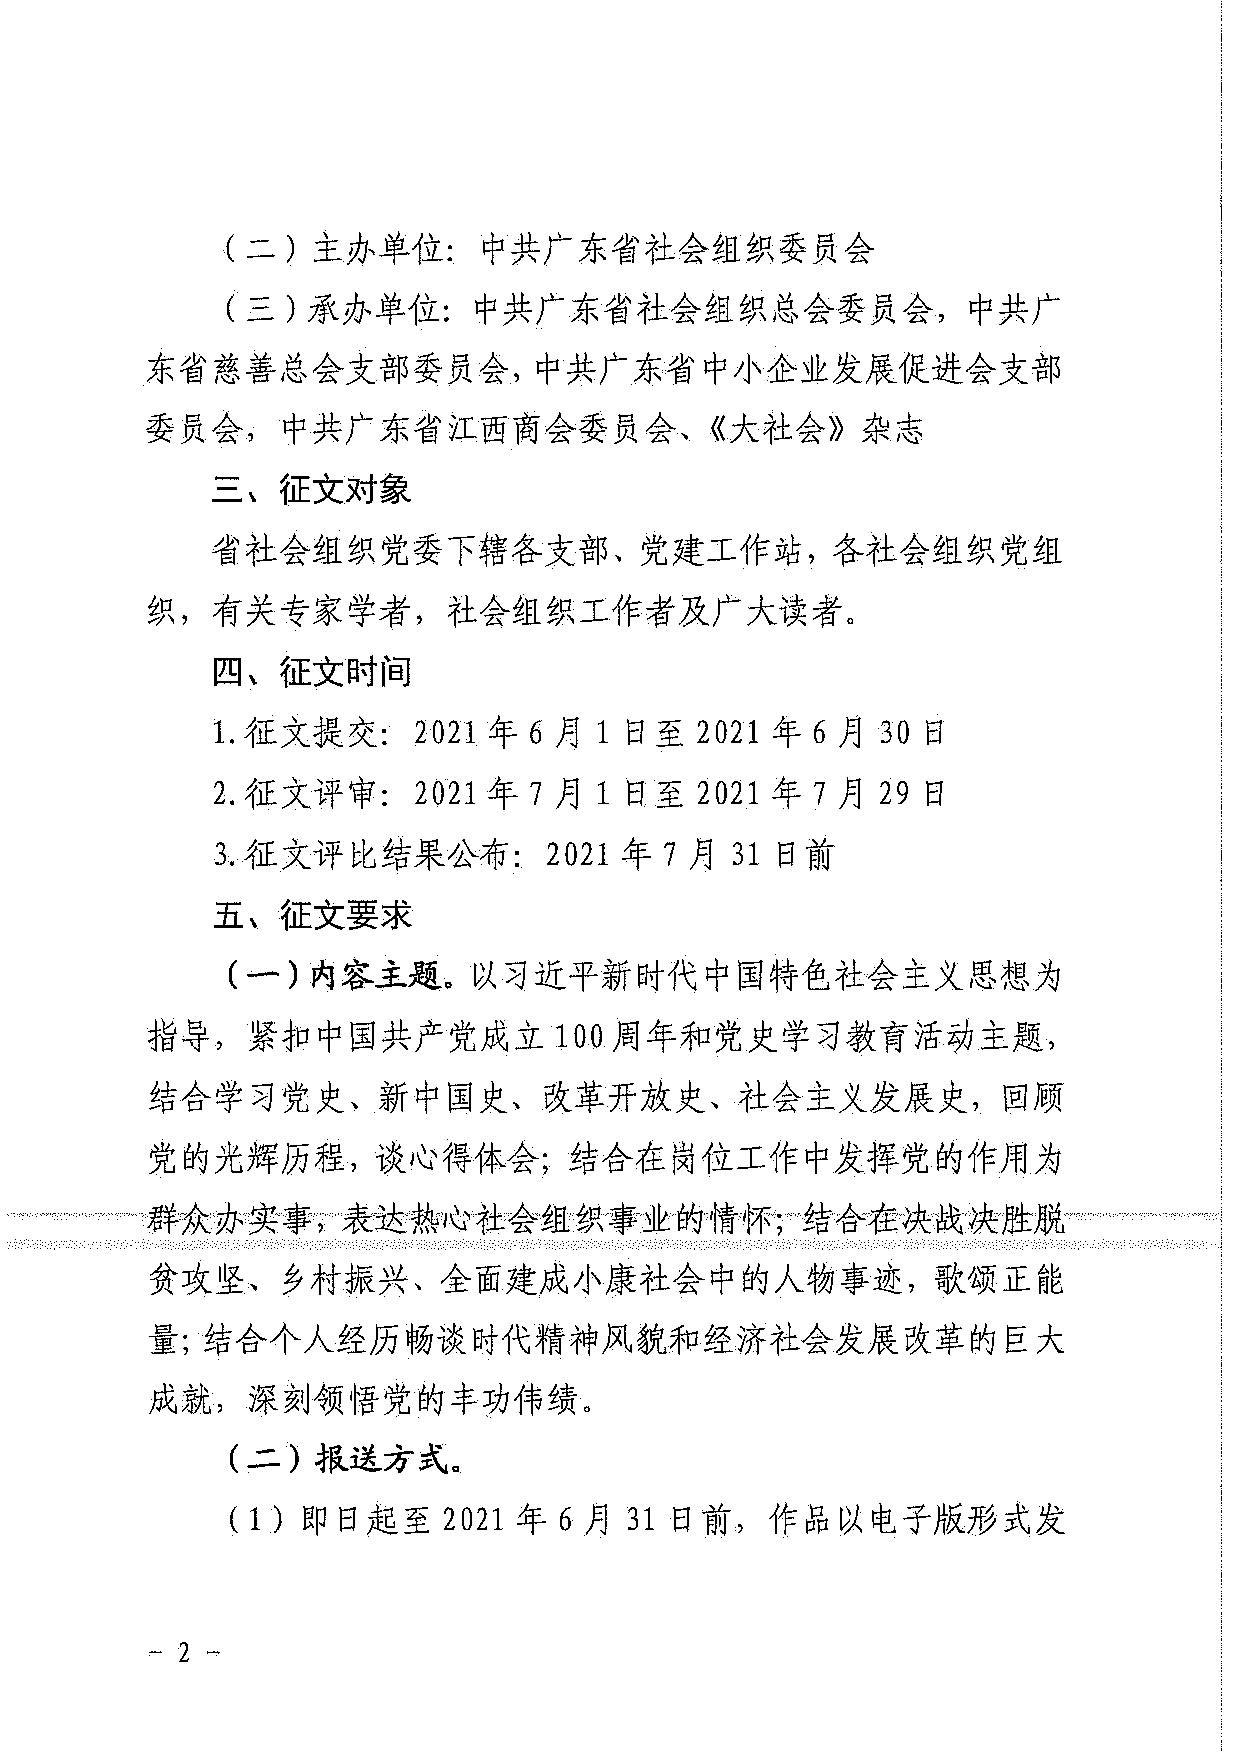 中共广东省社会组织委员会关于开展庆祝建党100周年主题征文活动的通知_2.jpg